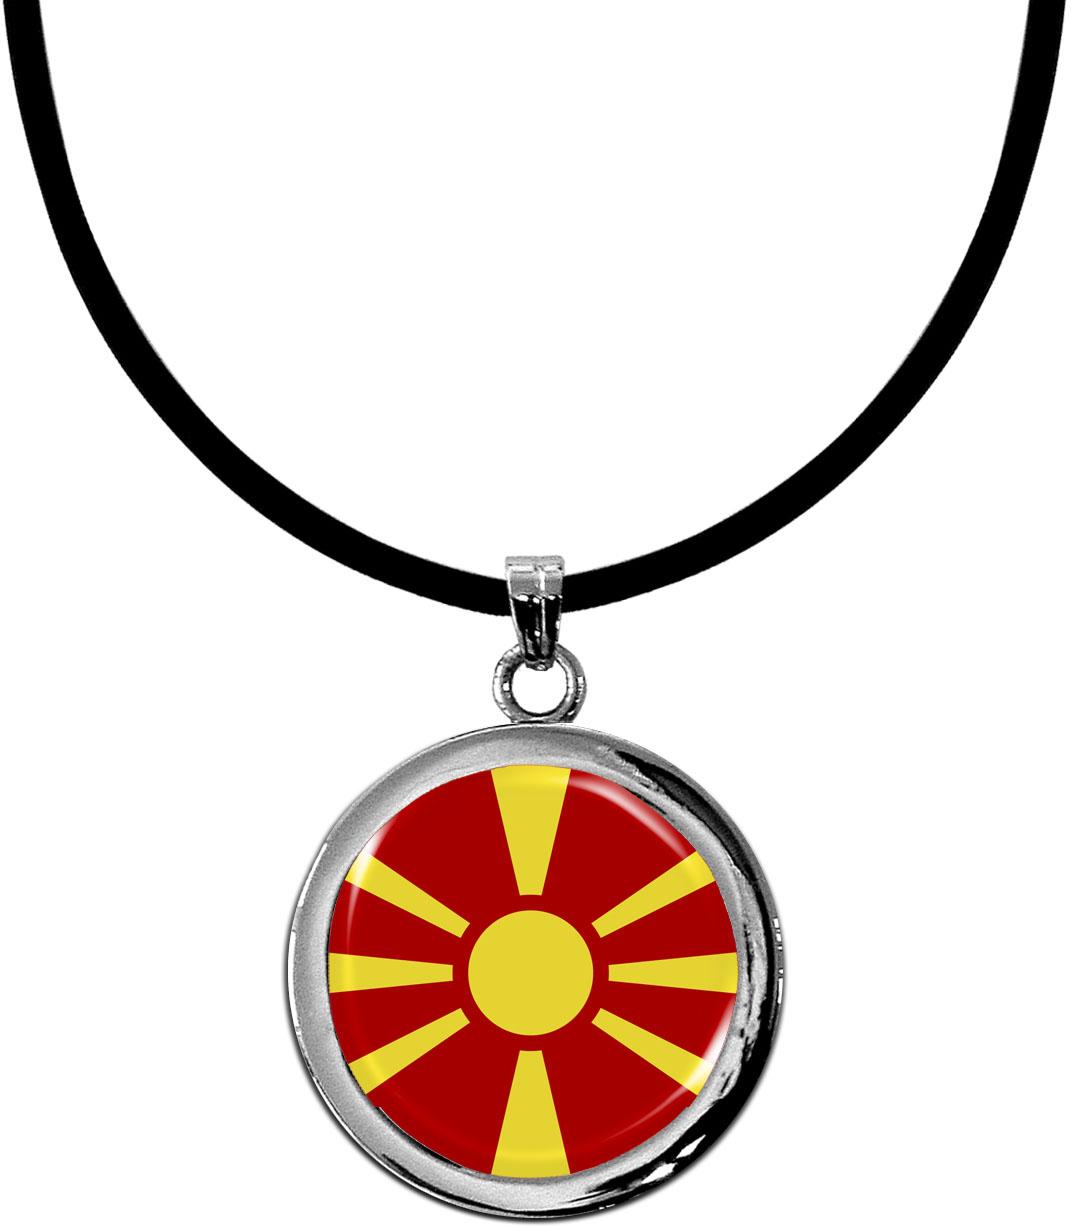 Kettenanhänger / Mazedonien / Silikonband mit Silberverschluss